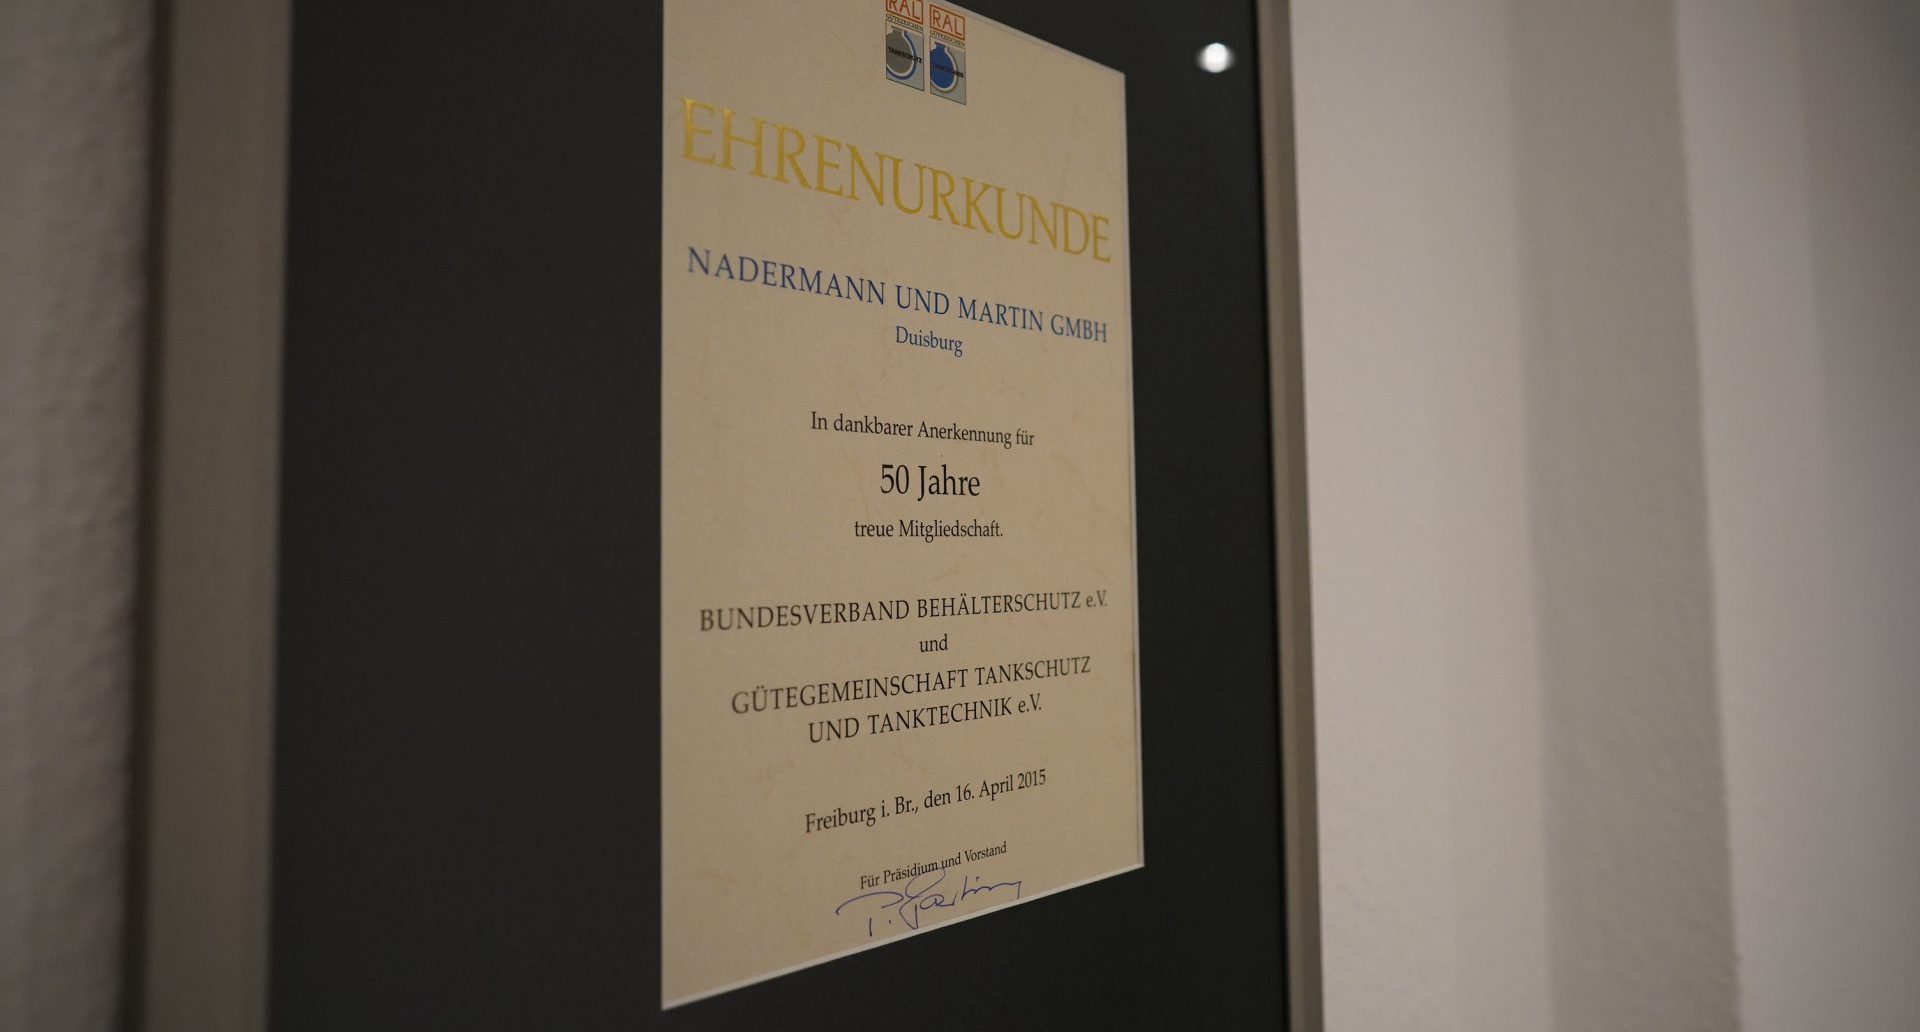 Ehrenuhrkunde - Behälterschutzverband